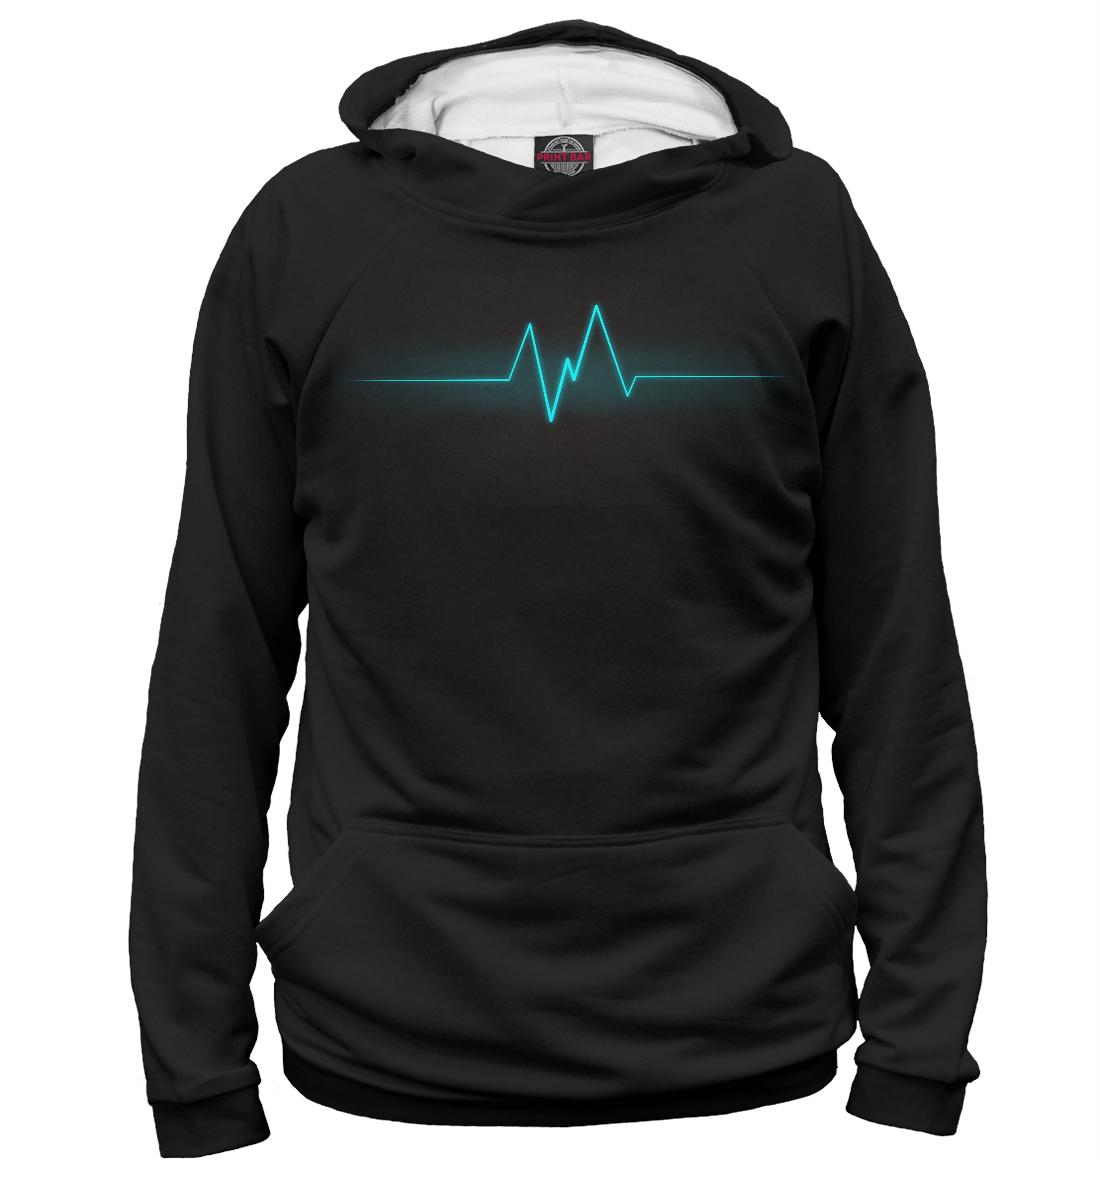 Купить Пульс сердца, Printbar, Худи, APD-282736-hud-1